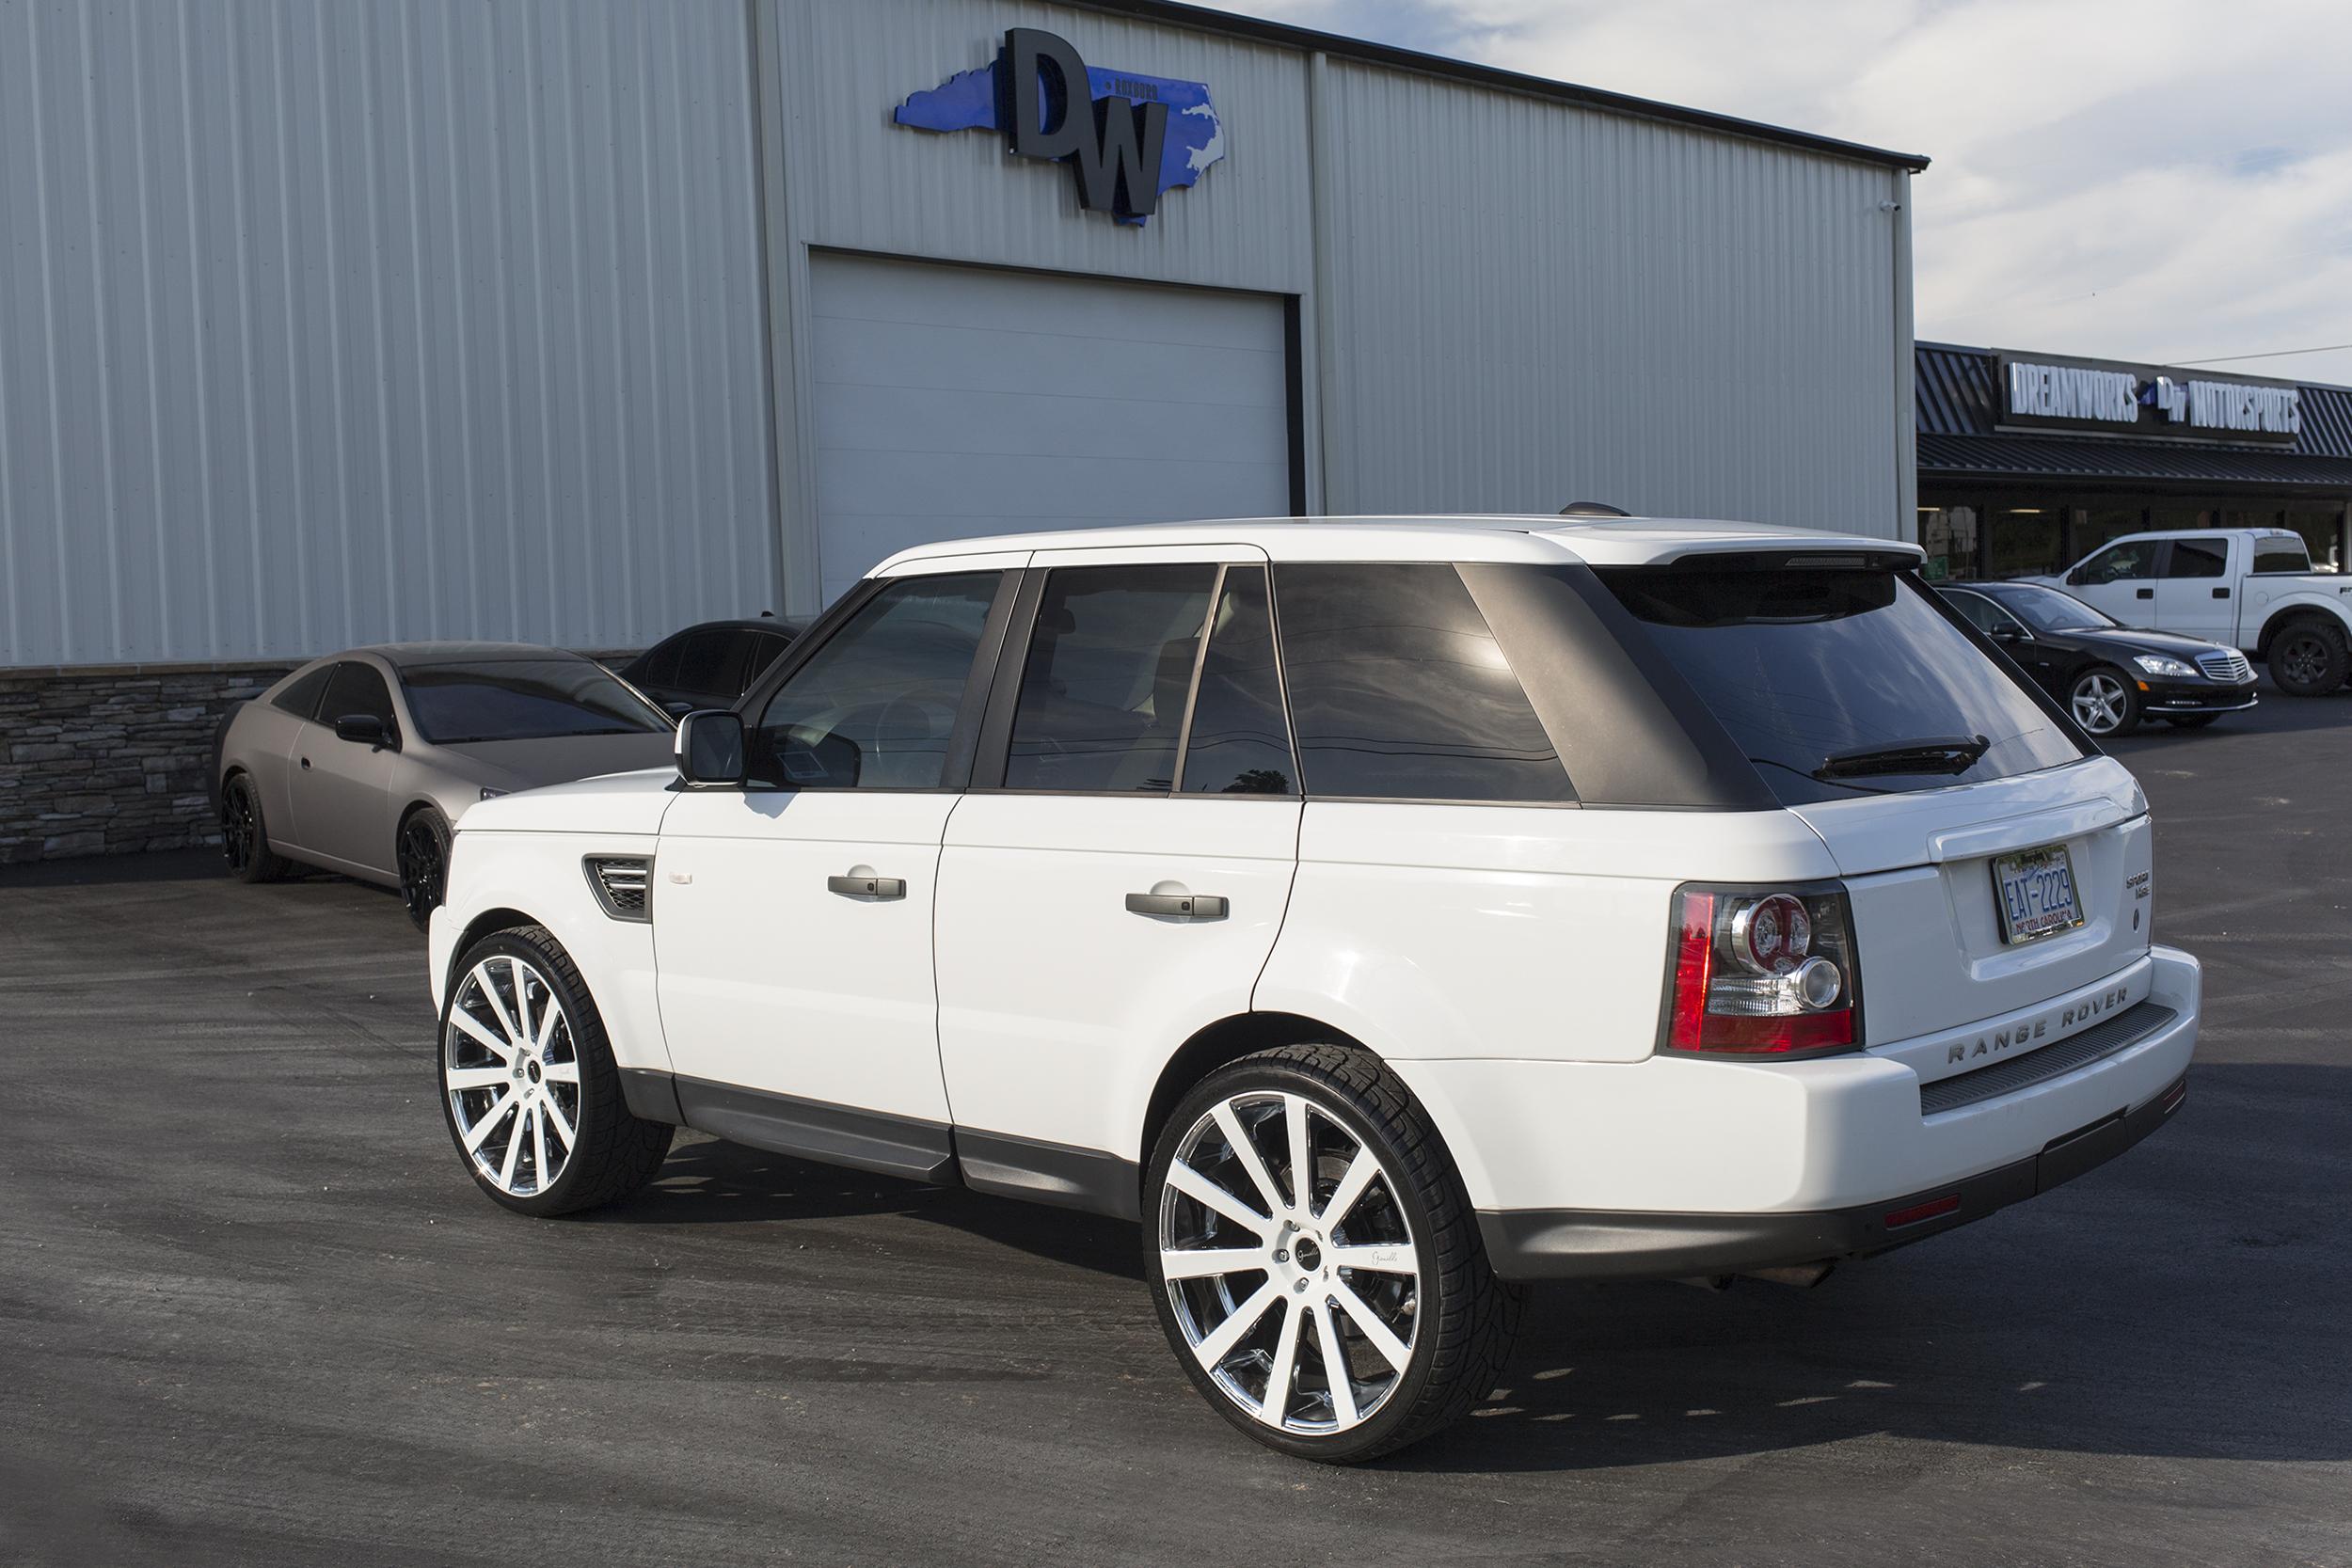 White-on-White-Range-Rover-5.jpg